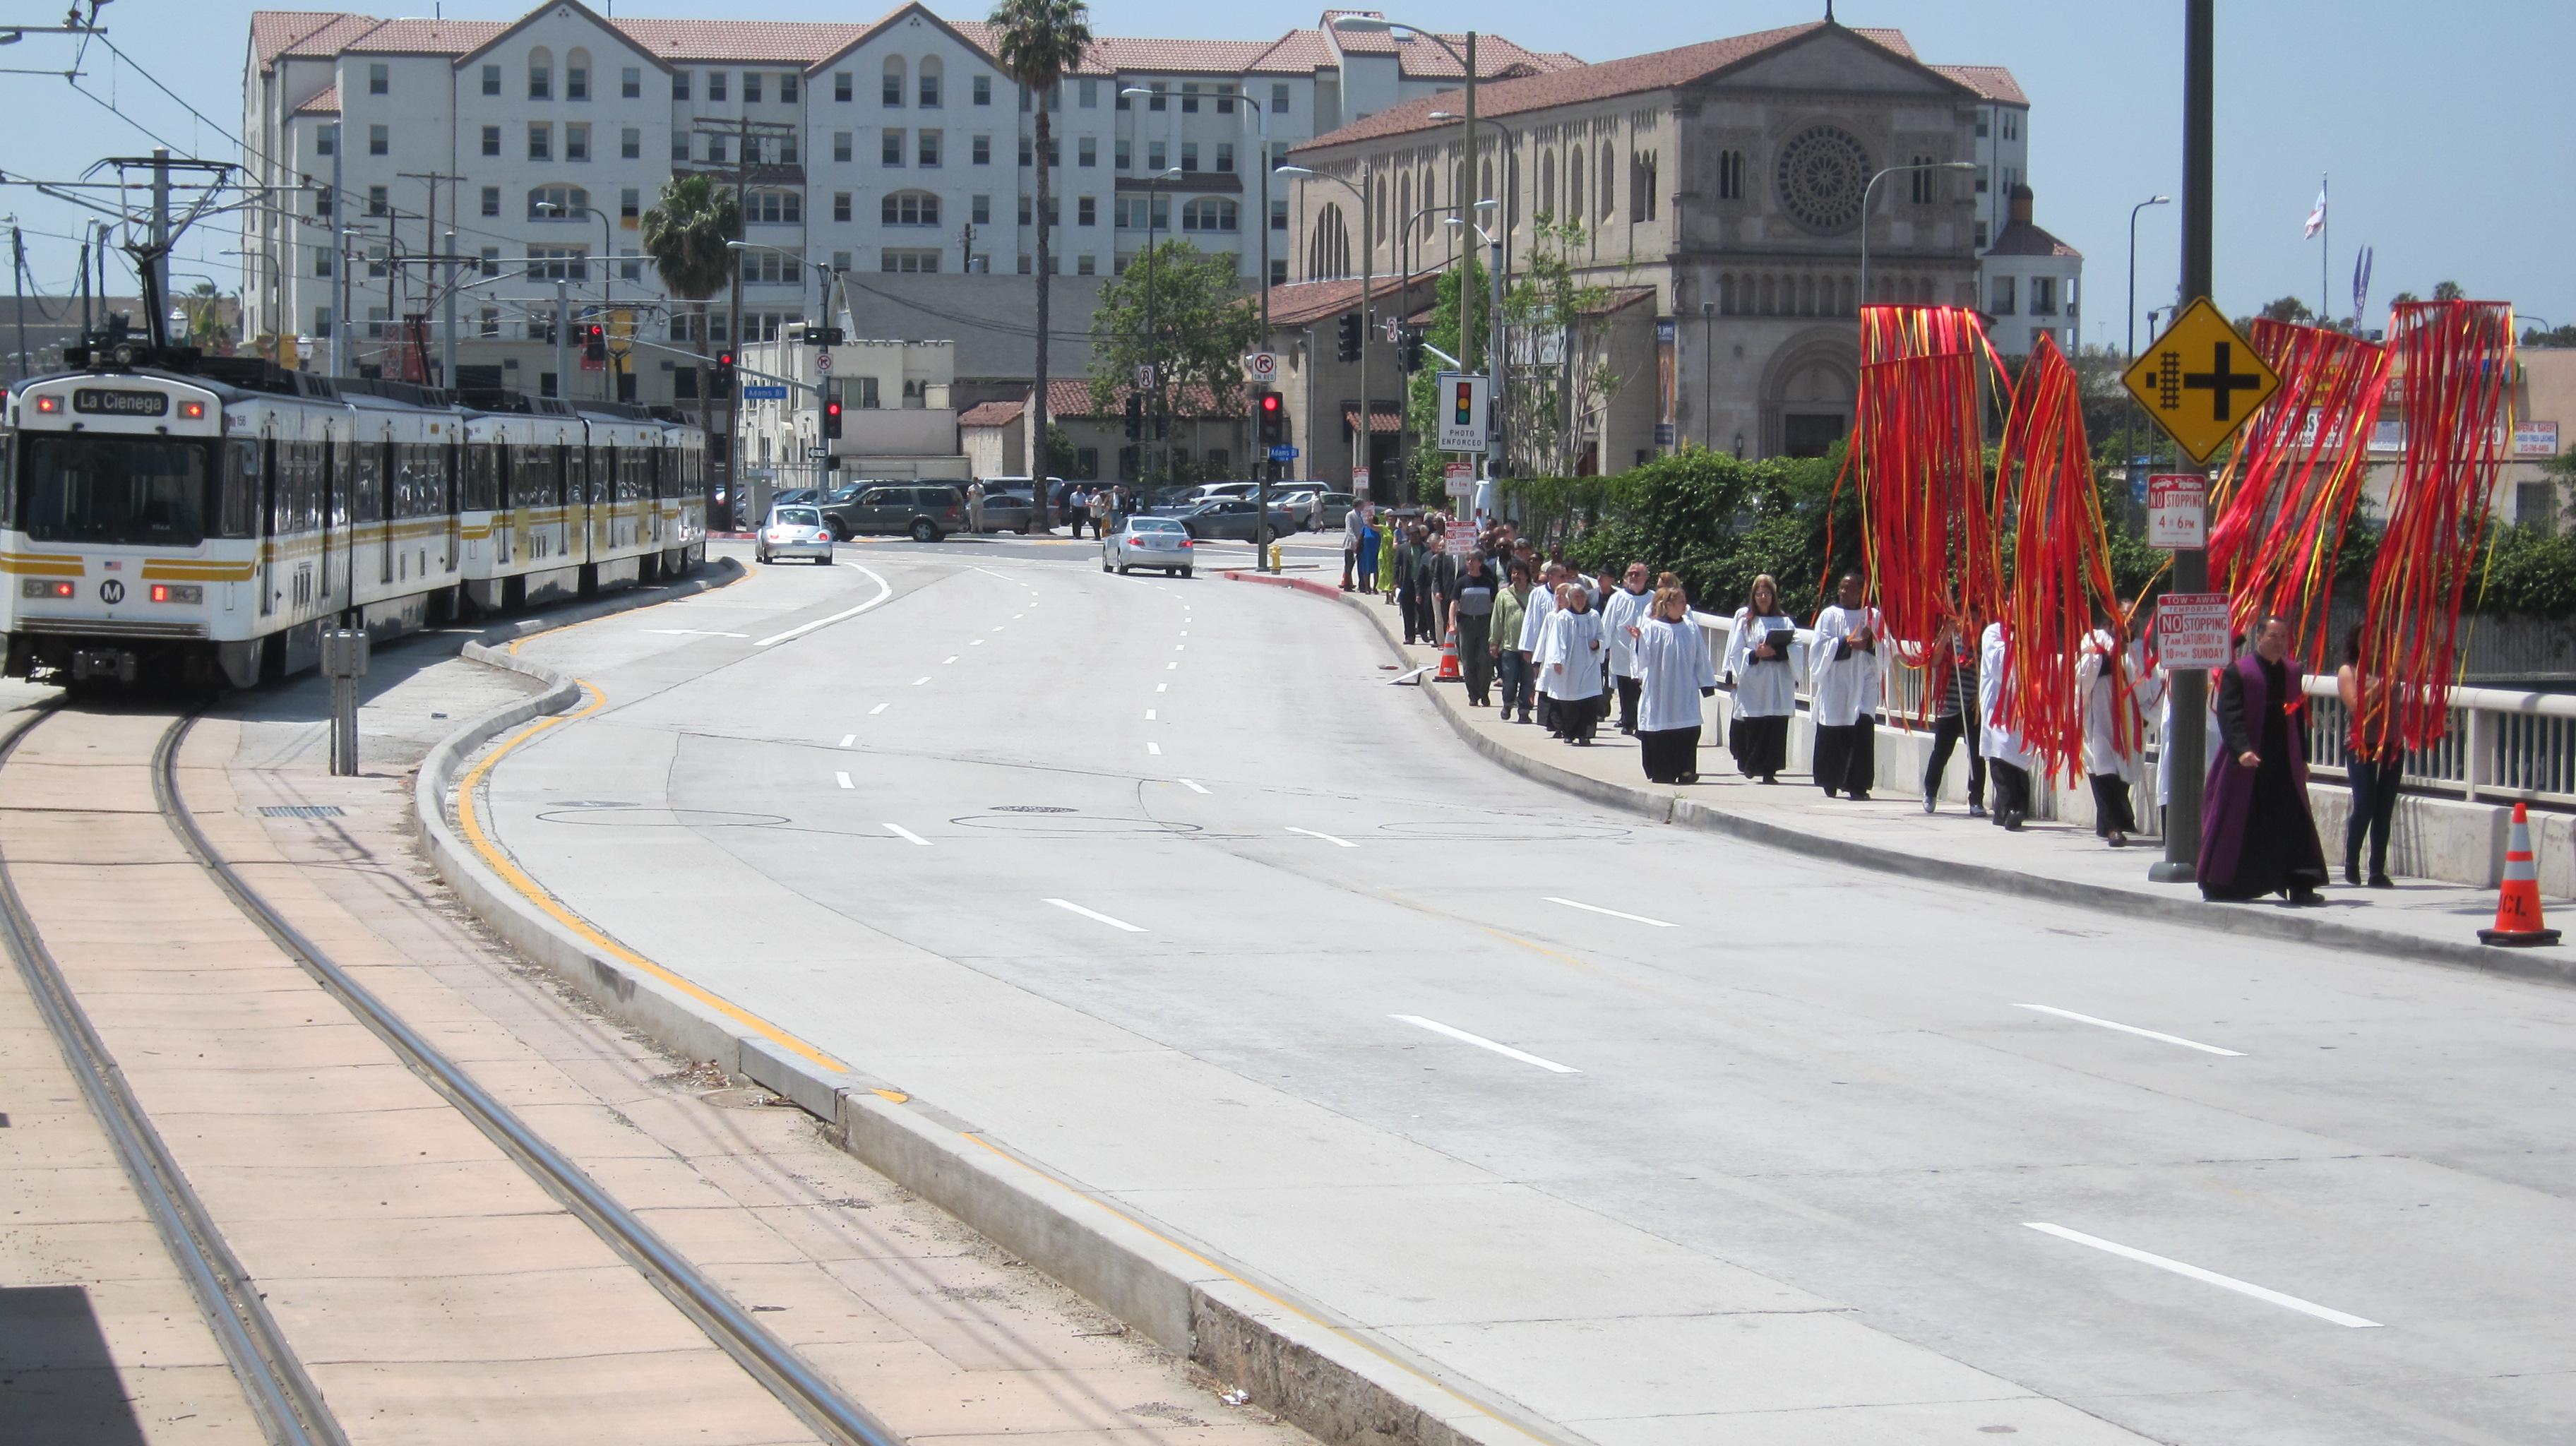 La congregación de la iglesia espiscopal St. John's se encamina a partir en la bendición de la nueva estación de la Calle 23 de Expo. (Foto Luis Inzunza/El Pasajero).